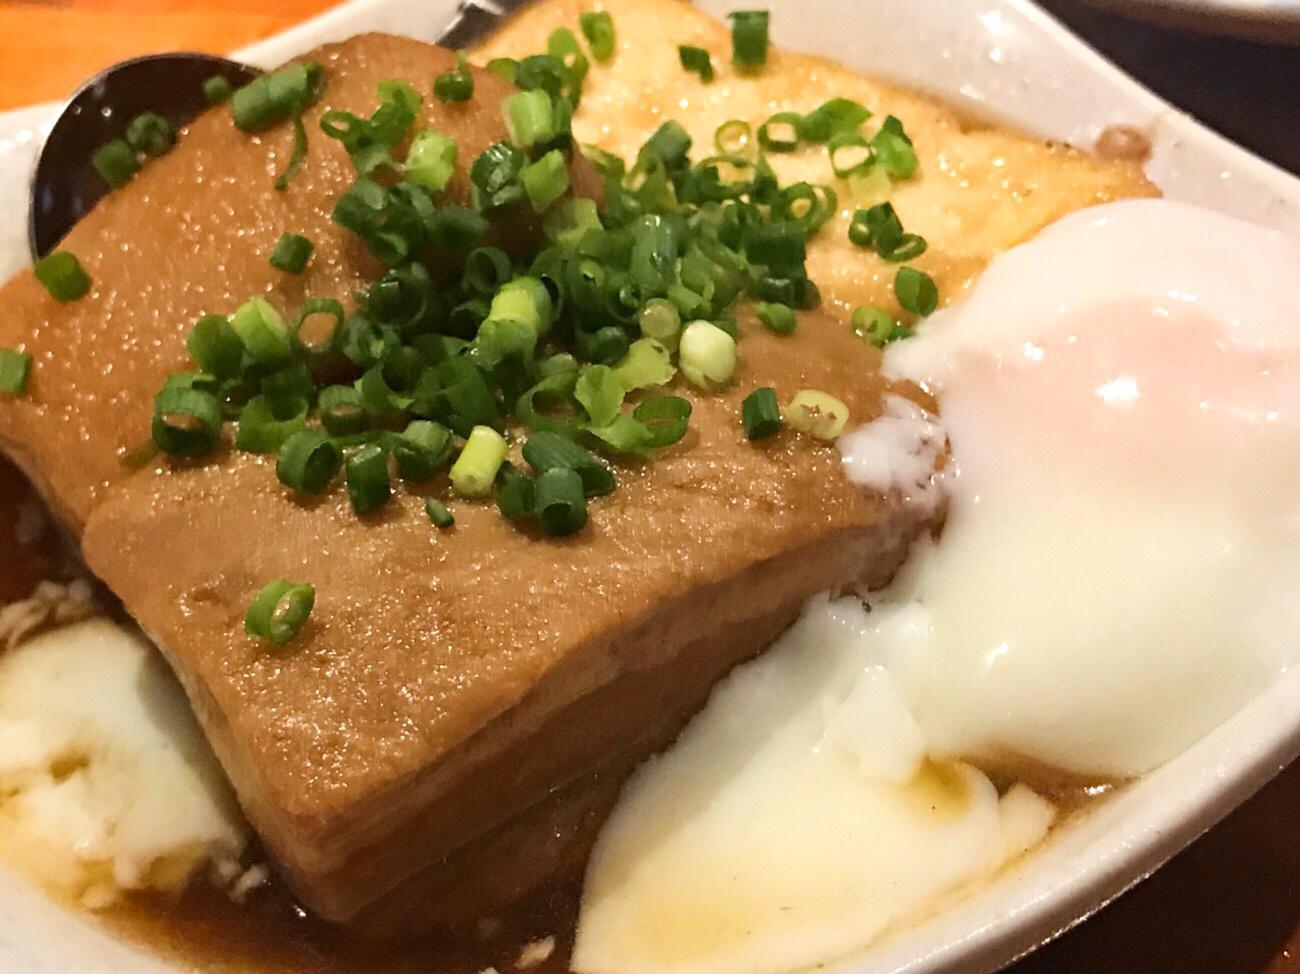 石垣島グルメブログひとしで沖縄料理 ラフテー